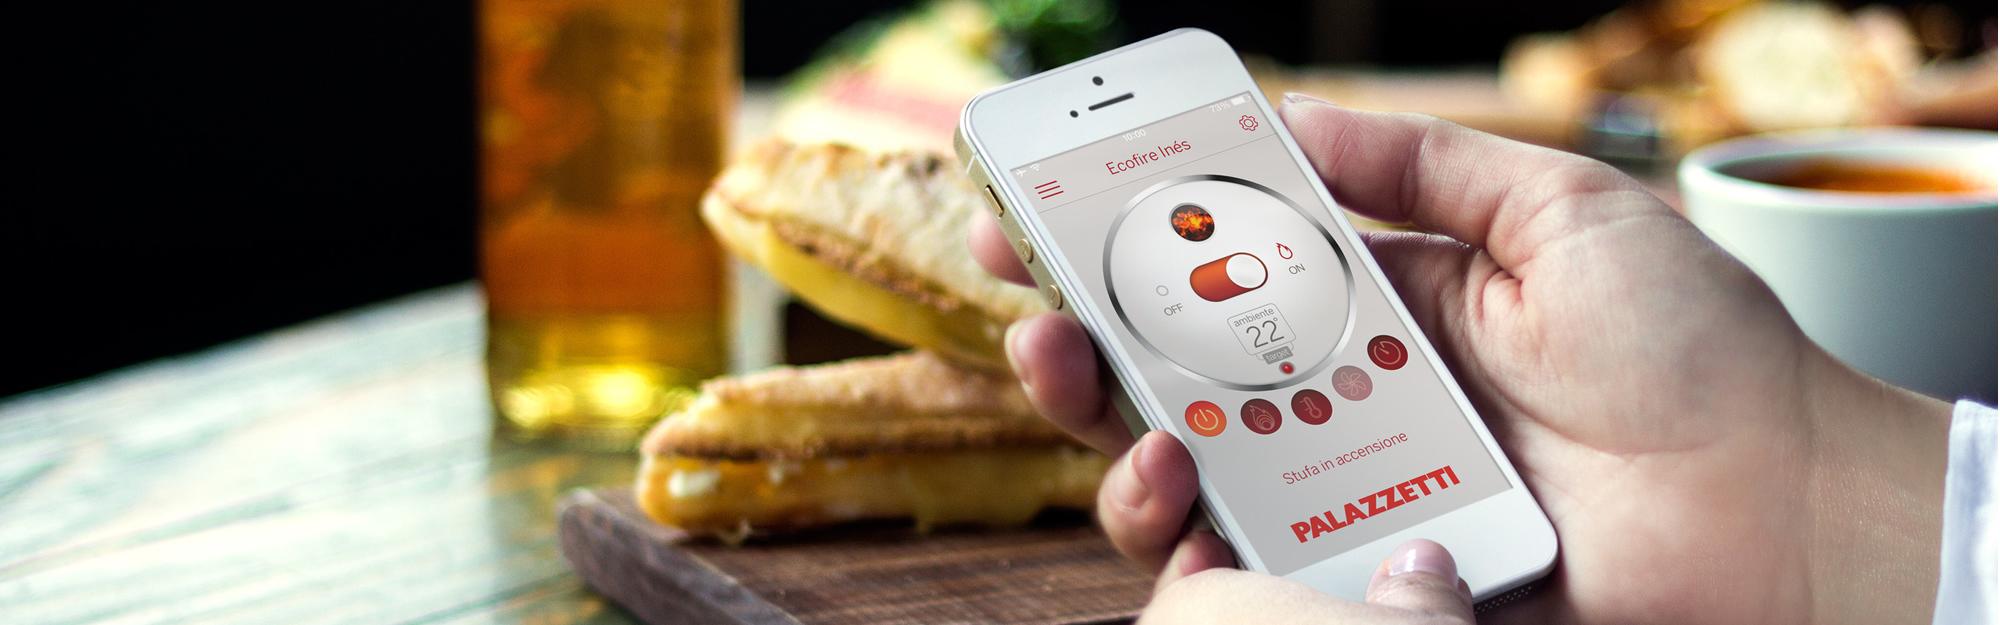 Palazzetti lancia l'app che connette la stufa di casa con lo smartphone